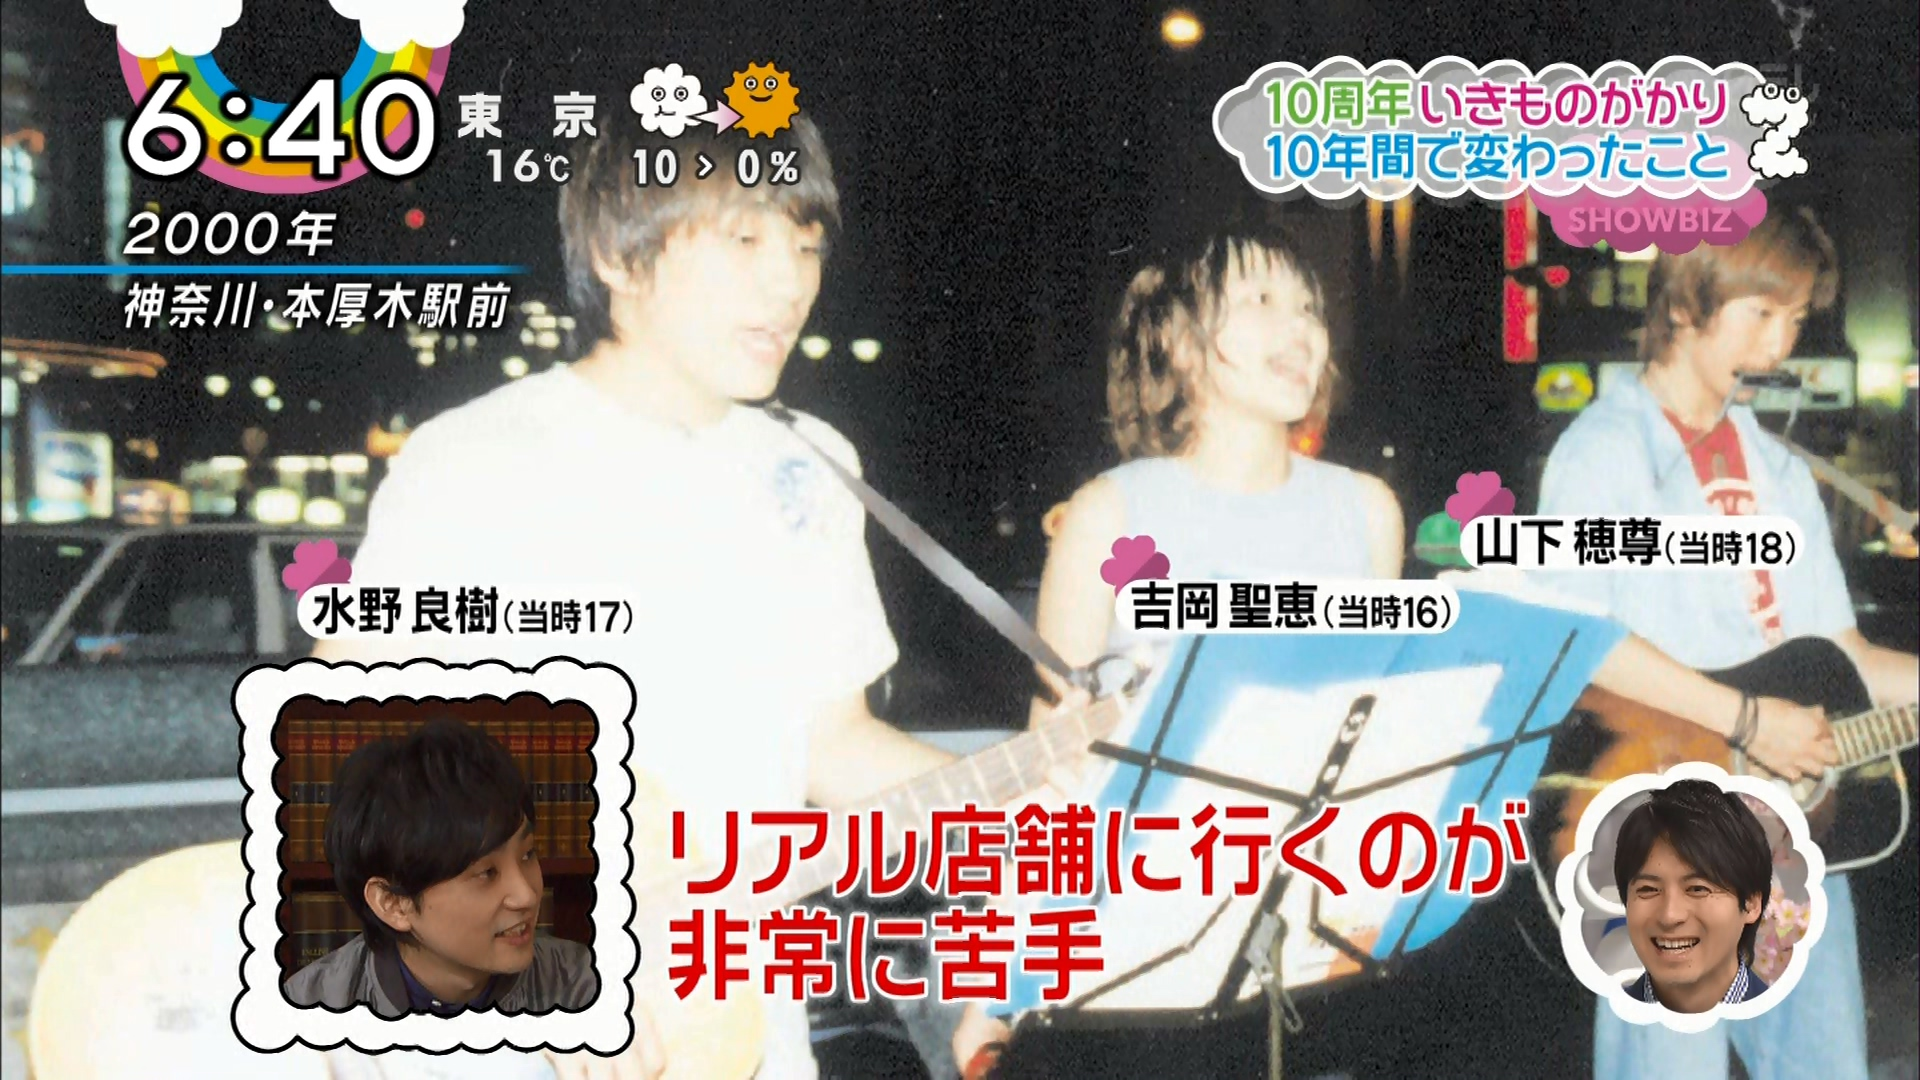 2016.03.22 10周年 いきものがかり - アルバム8作連続1位(ZIP!).ts_20160322_140935.301